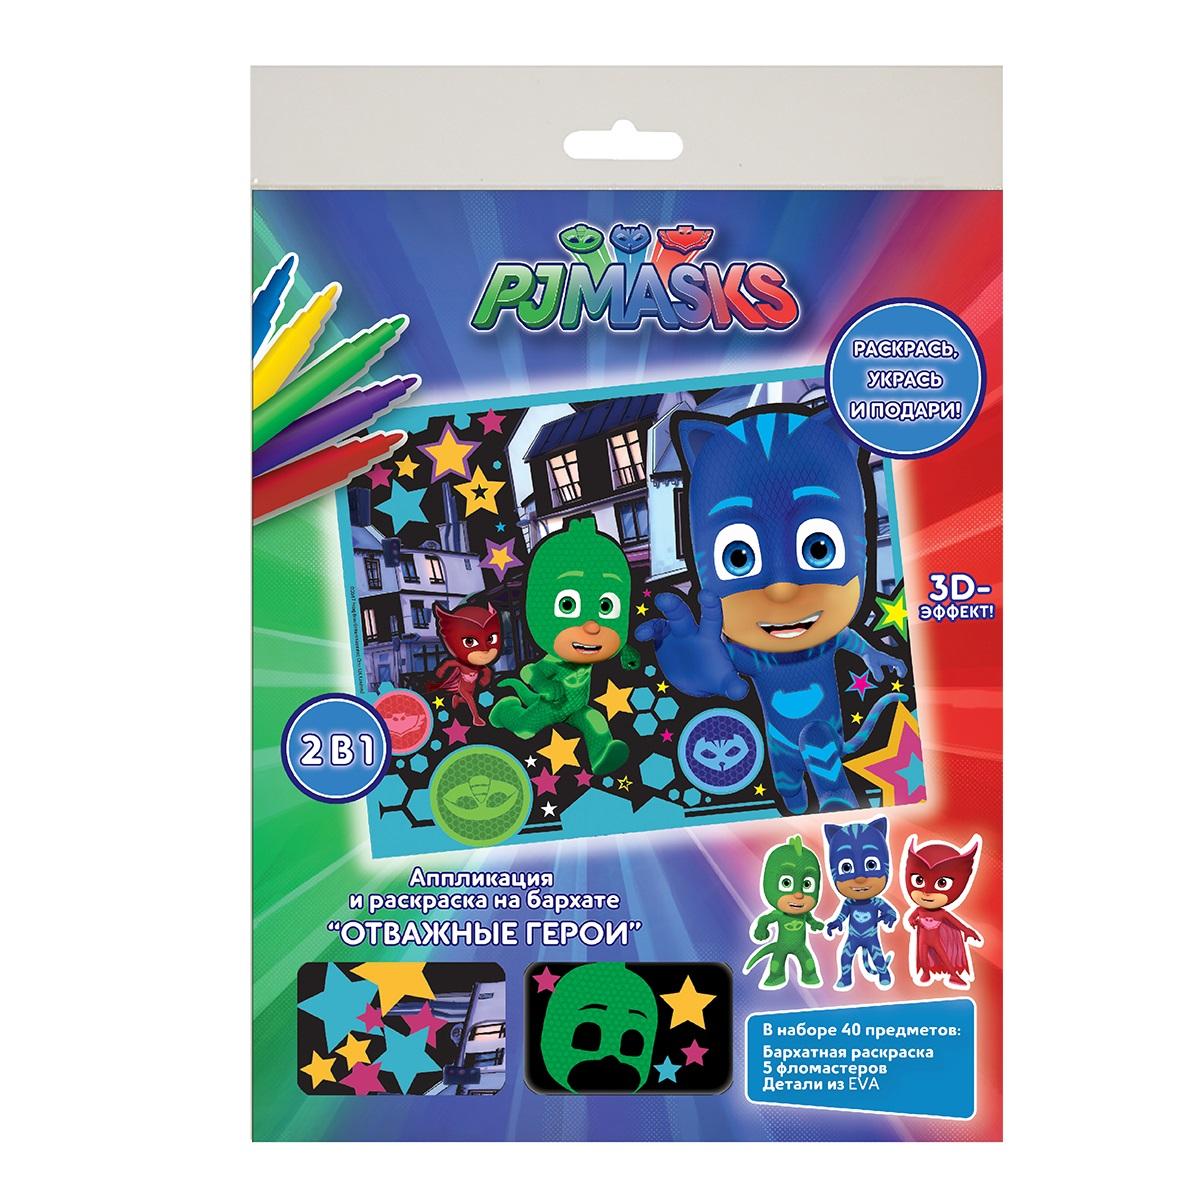 Аппликация и раскраска на бархате - PJ Masks Отважные героиАппликация, пайетки<br>Аппликация и раскраска на бархате - PJ Masks Отважные герои<br>